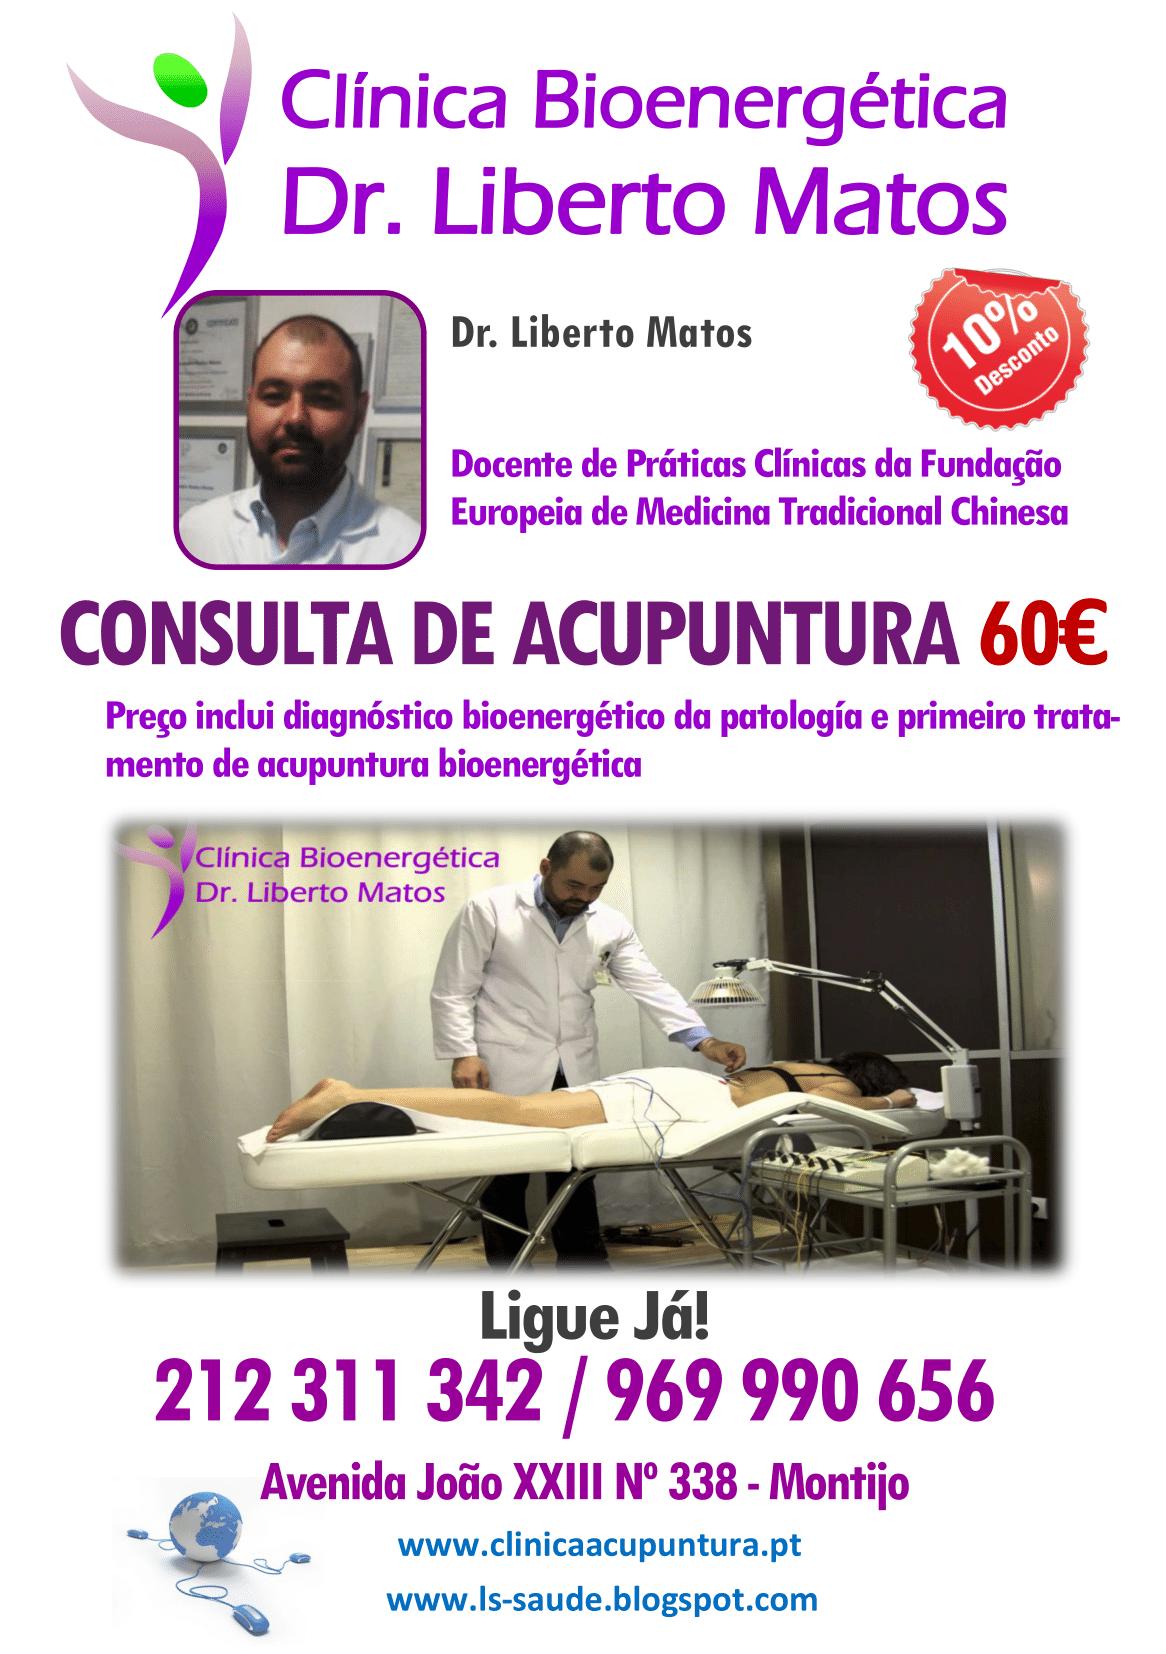 ACUPUNTURA COM 10%DESCONTO Clínica Nº1 em Portugal  http://goo.gl/wyPumY